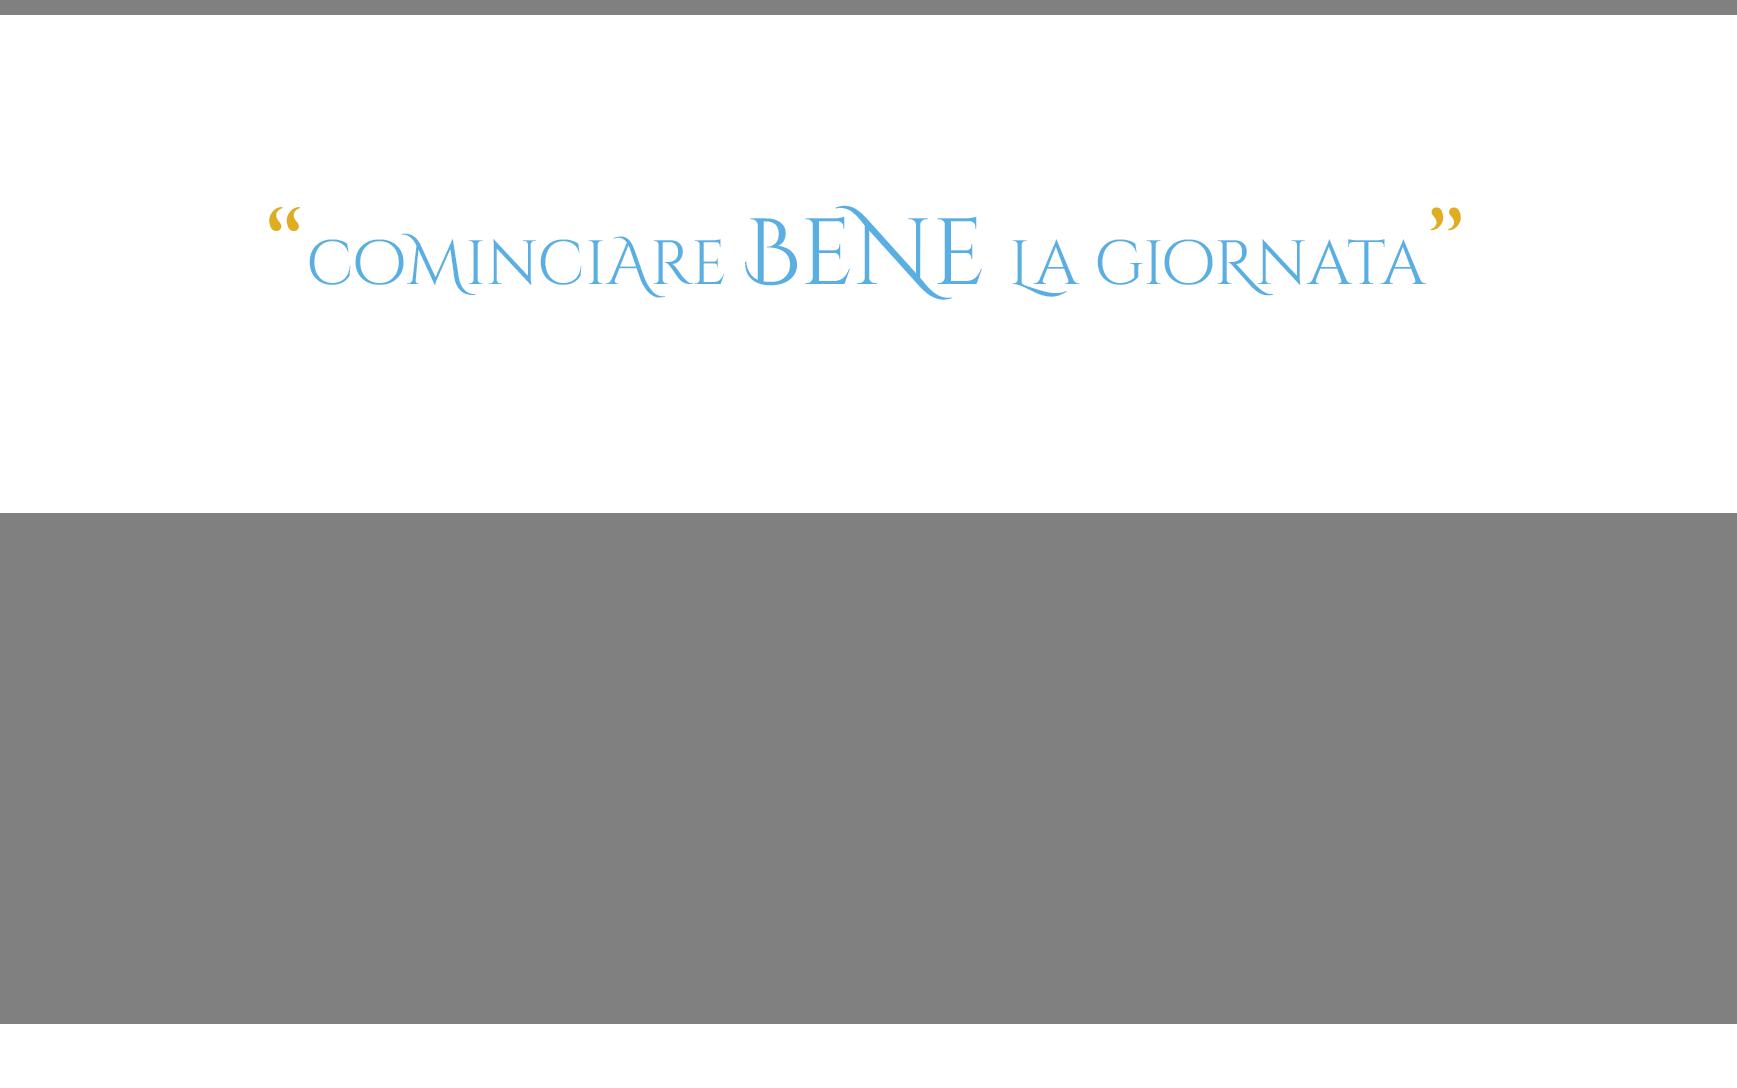 COMINCIARE BENE LA GIORNATA